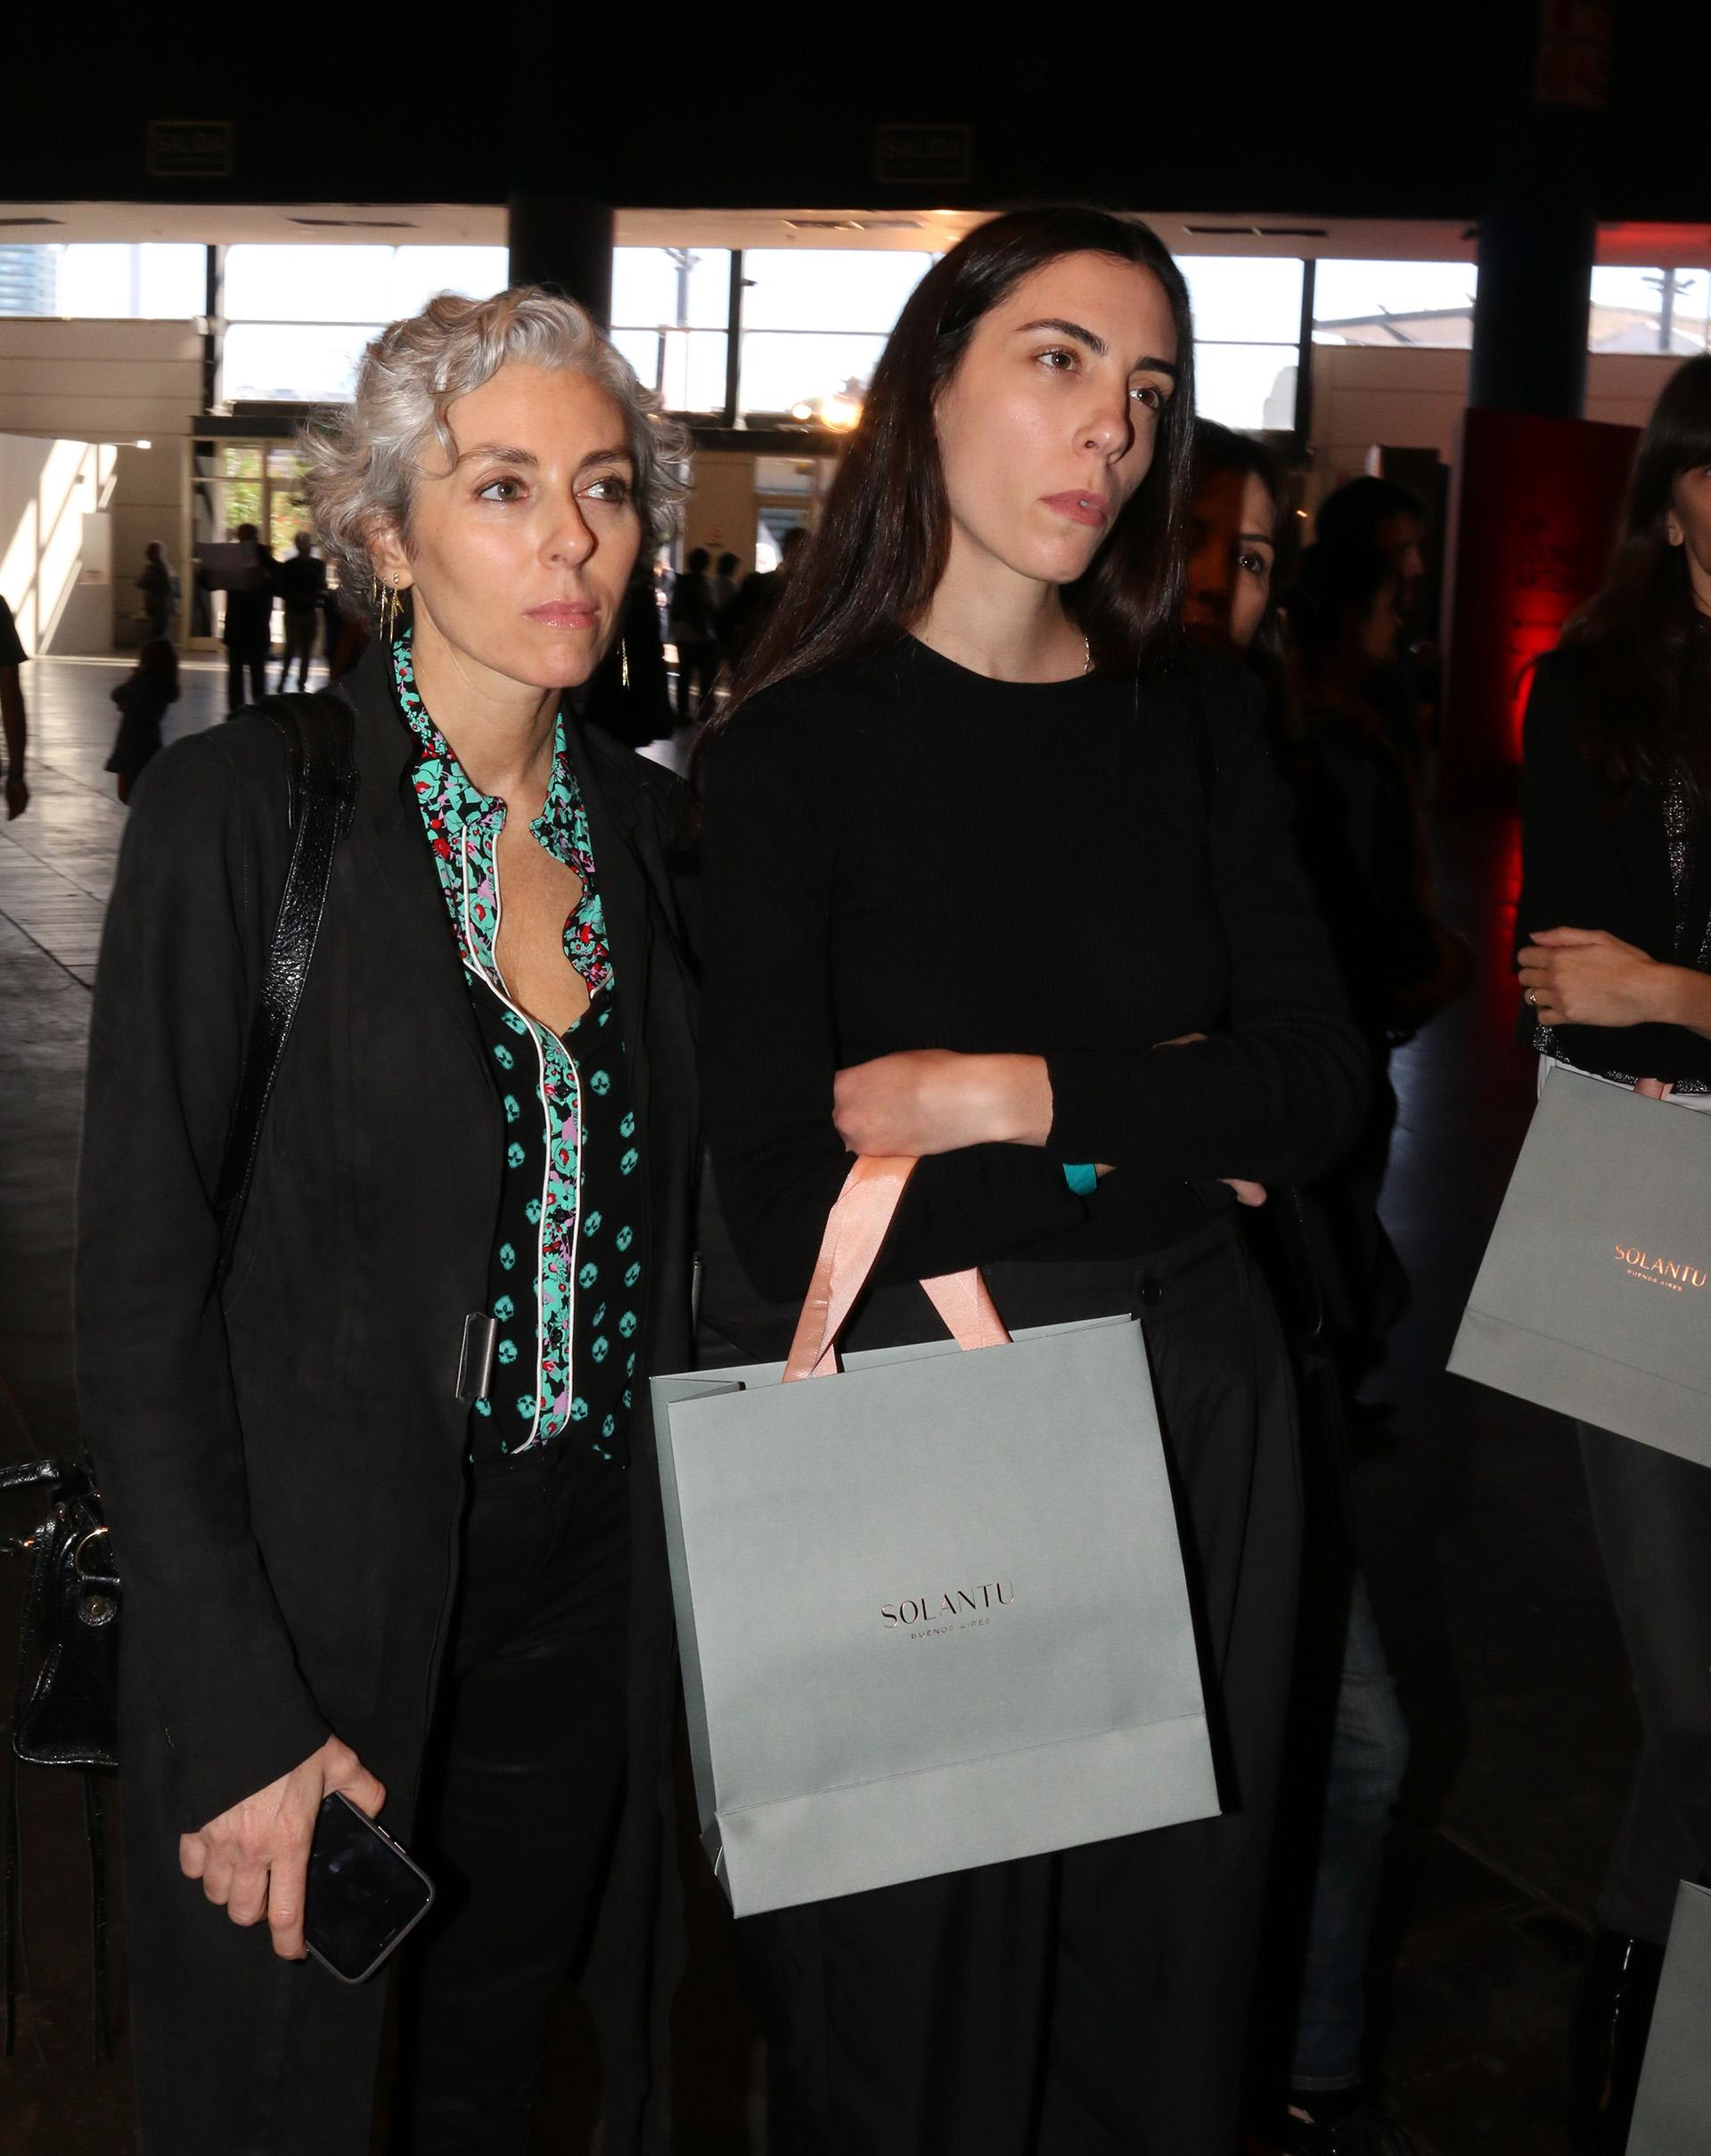 Jackie Parisier y Nadine Awada en la recorrida de Solantu en arteBA